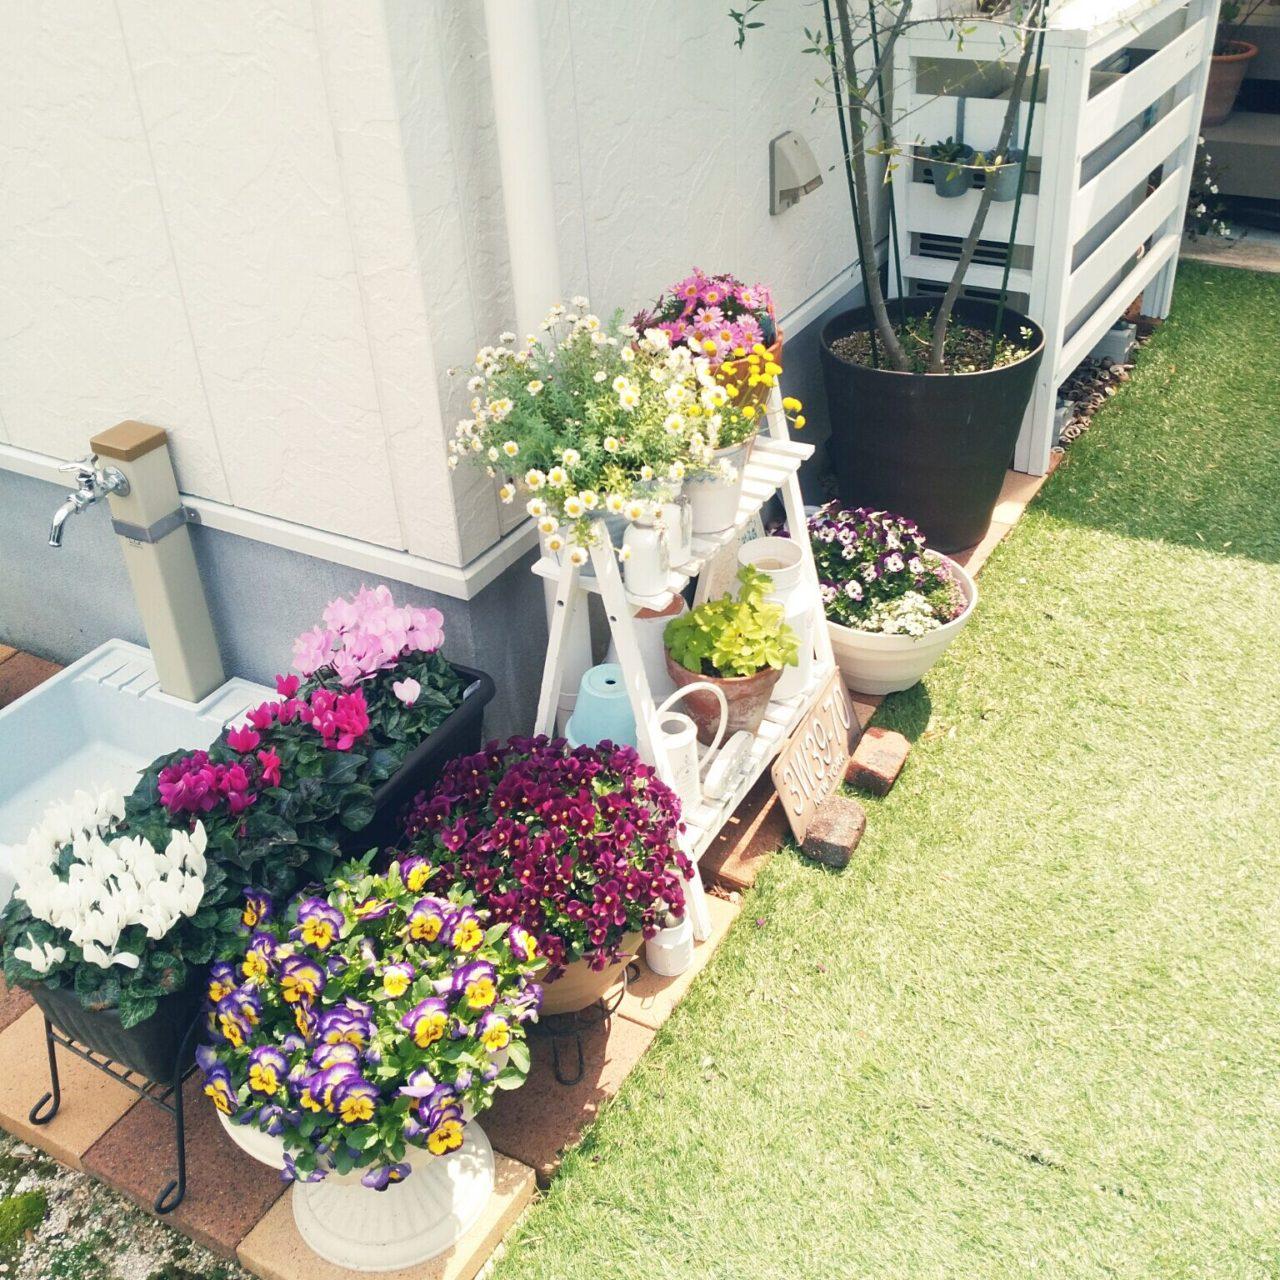 女性で、3LDKの狭い庭/ワイルドストロベリー/せまい庭/ガーデン/ガーデン雑貨/春…などについてのインテリア実例を紹介。